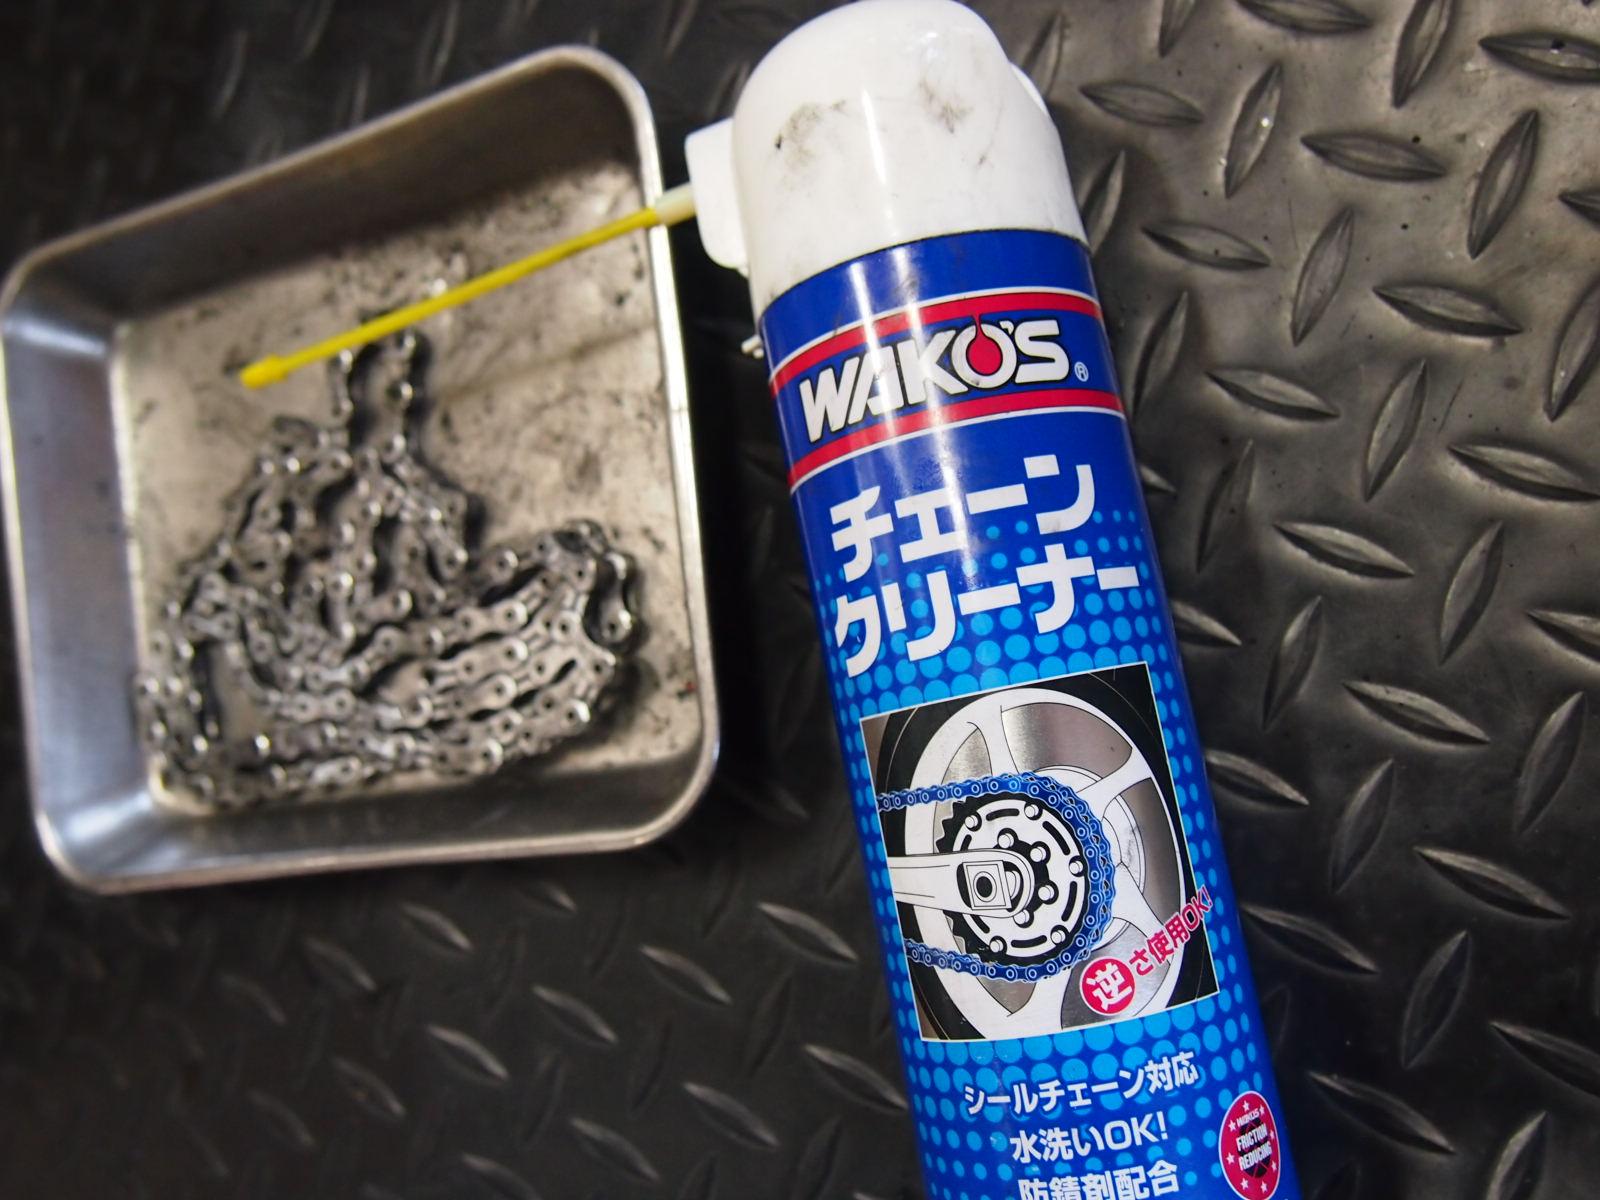 ロード バイク チェーン 掃除